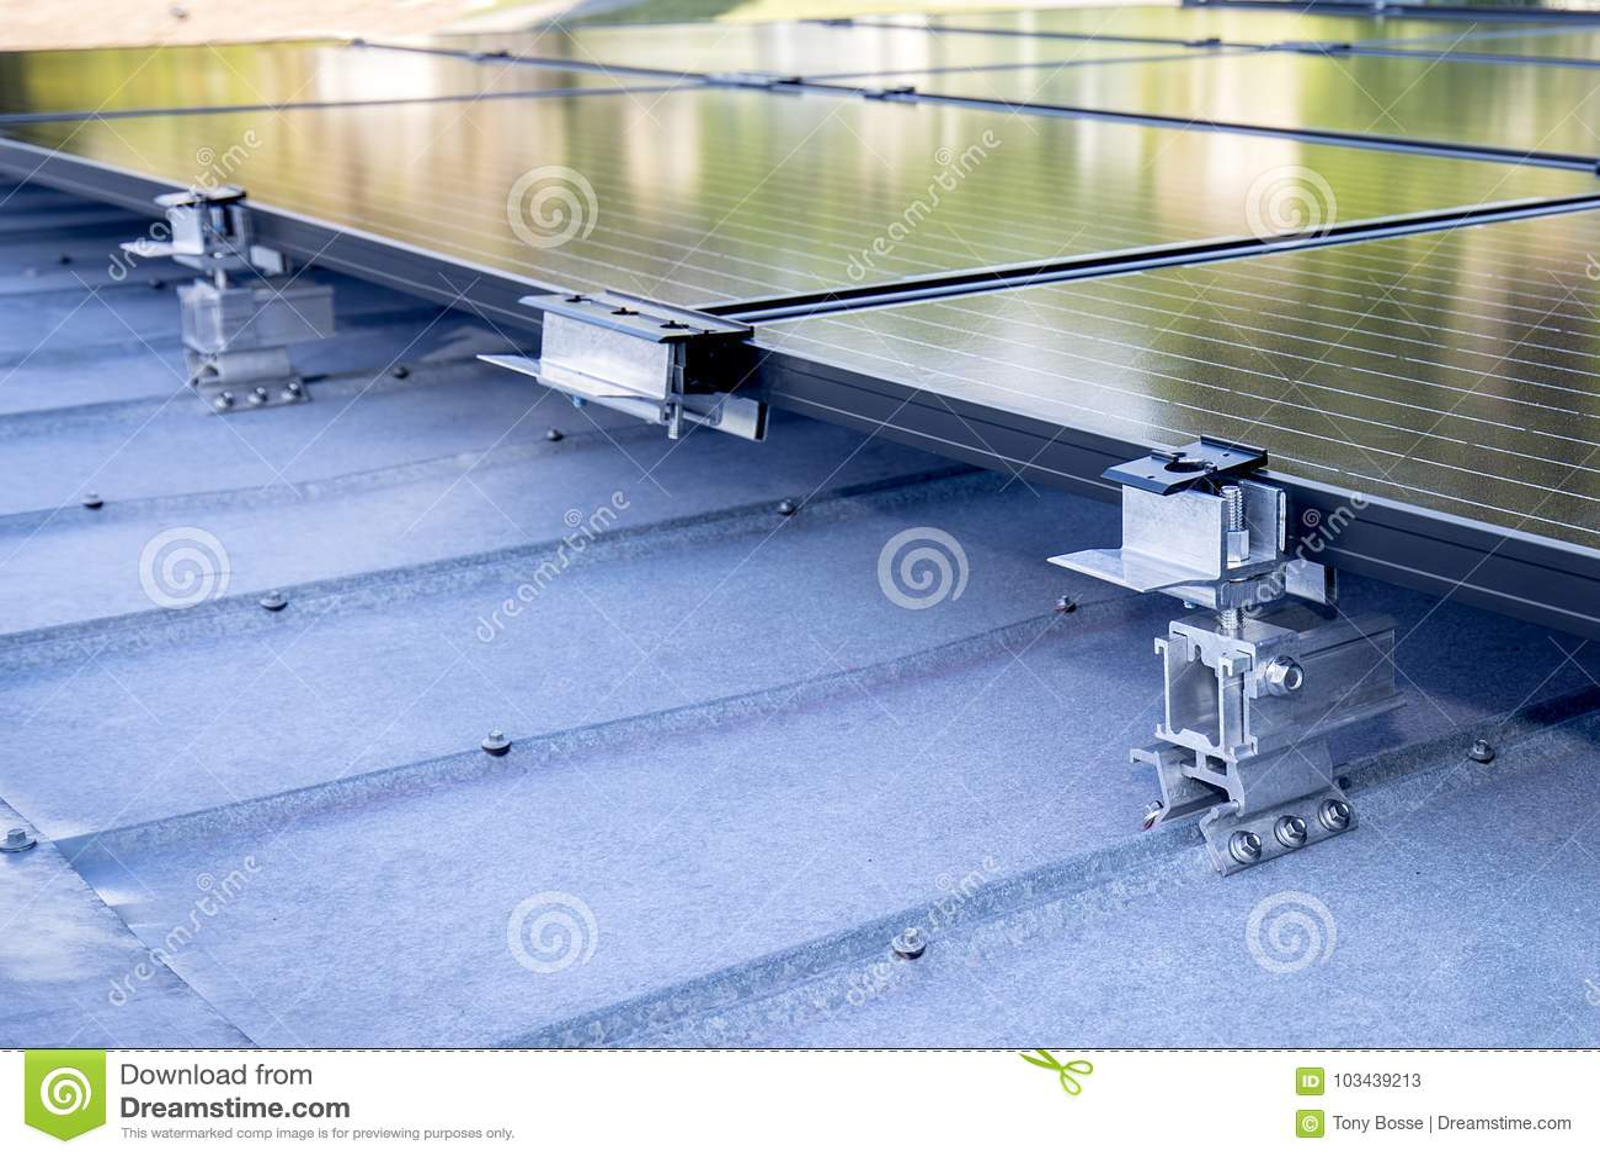 Solar Panel Mountaing Bracket Stock Image - Image of holding